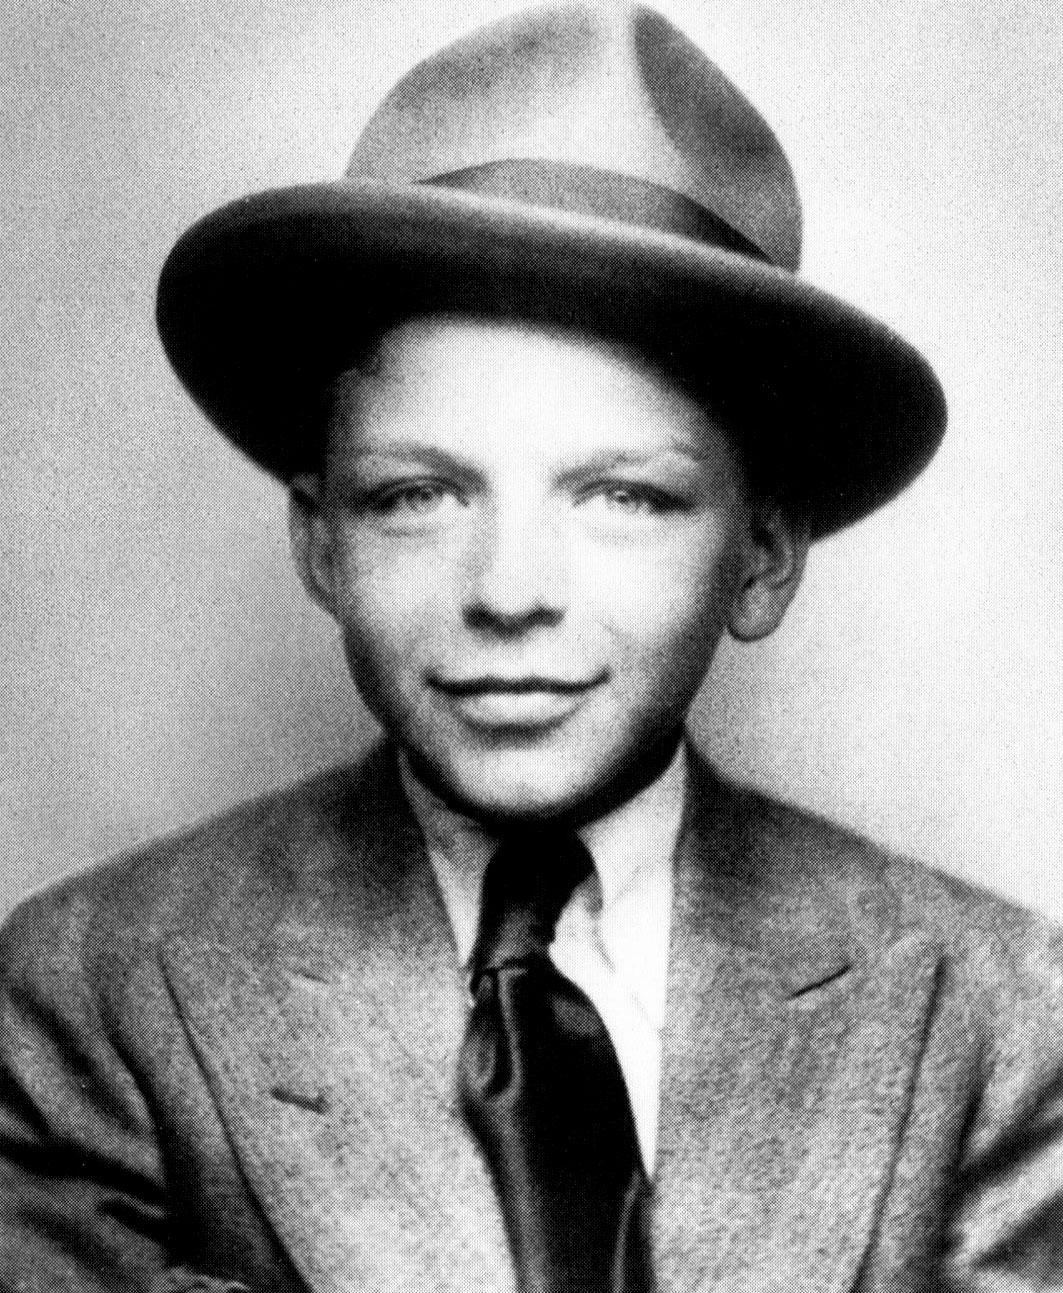 frank sinatra Also known as: francis albert sinatra born: dec 12, 1915 in hoboken, nj, usa  death: may 14, 1998 in los angeles, ca, usa.